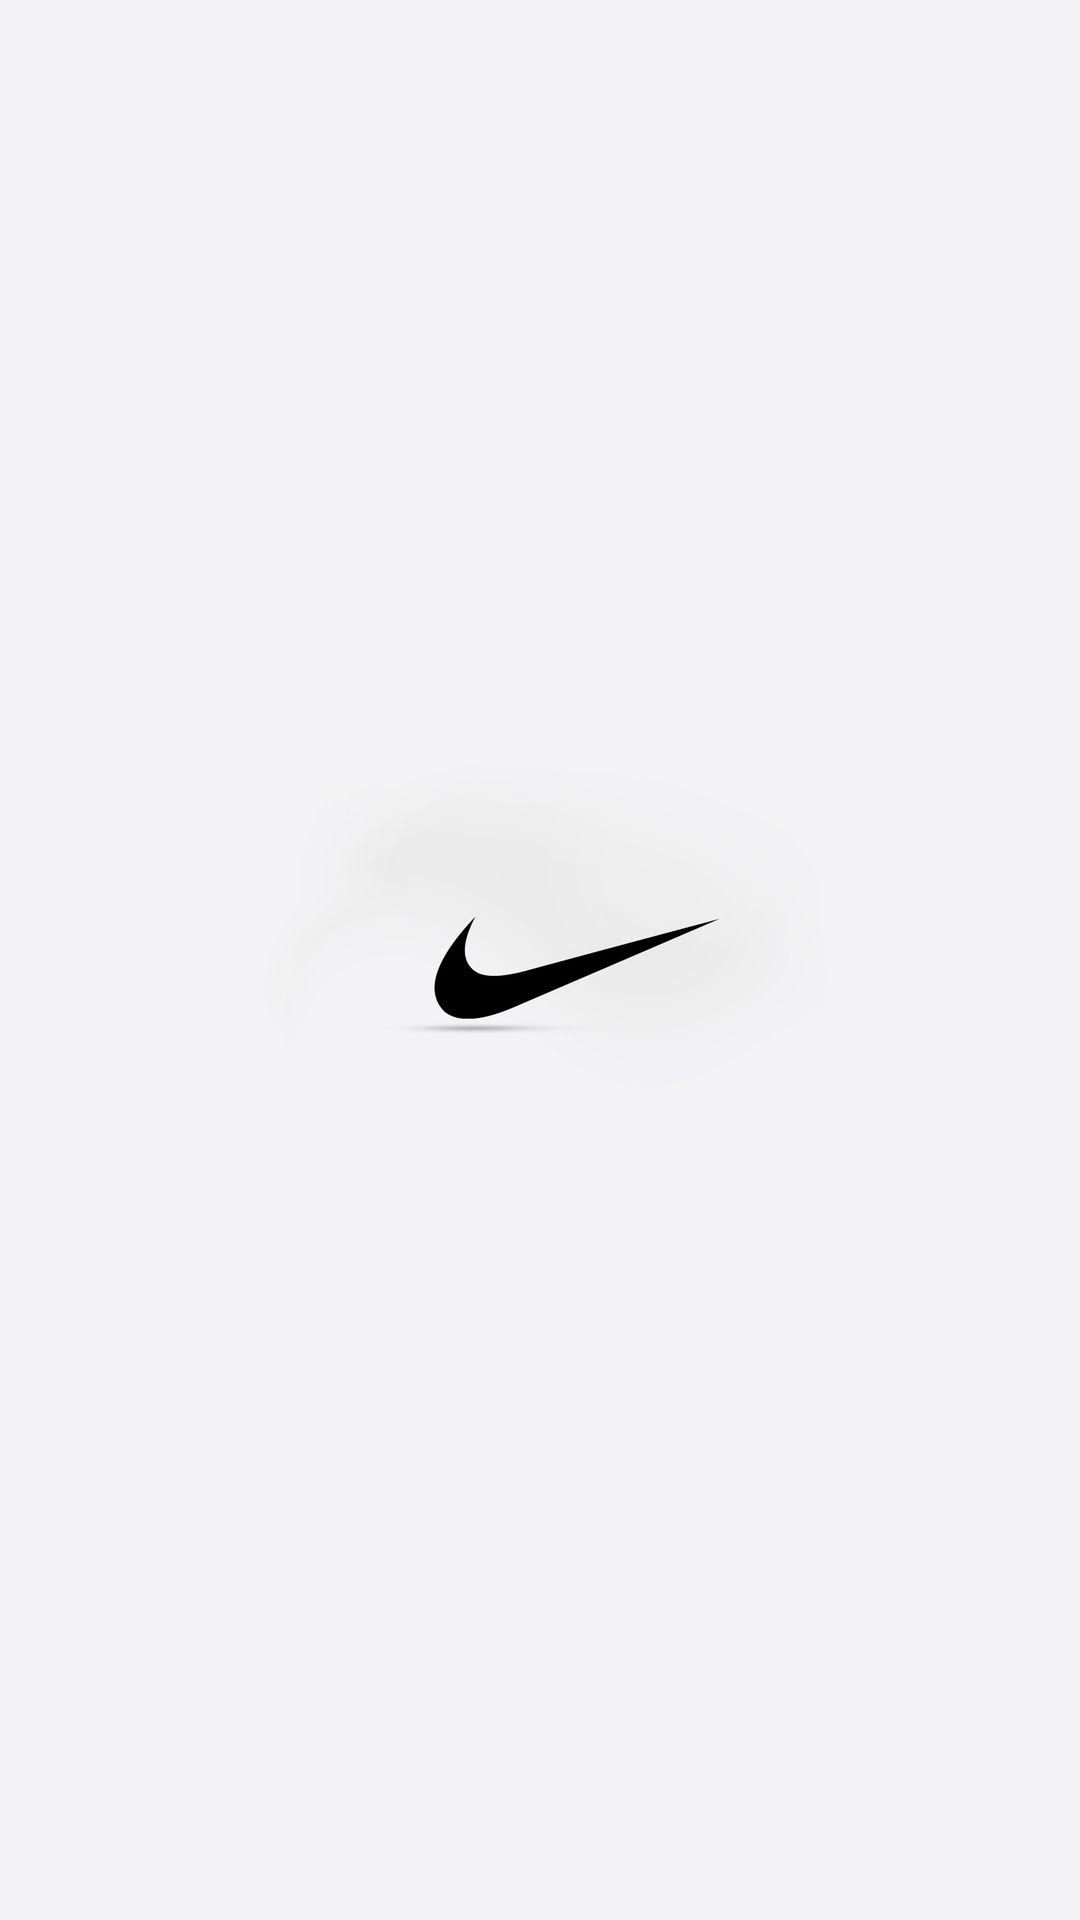 Nike Iphone6s Wallpaper Iphone Wallpaper Nike Wallpaper Nike Logo Wallpapers Nike Wallpaper Iphone